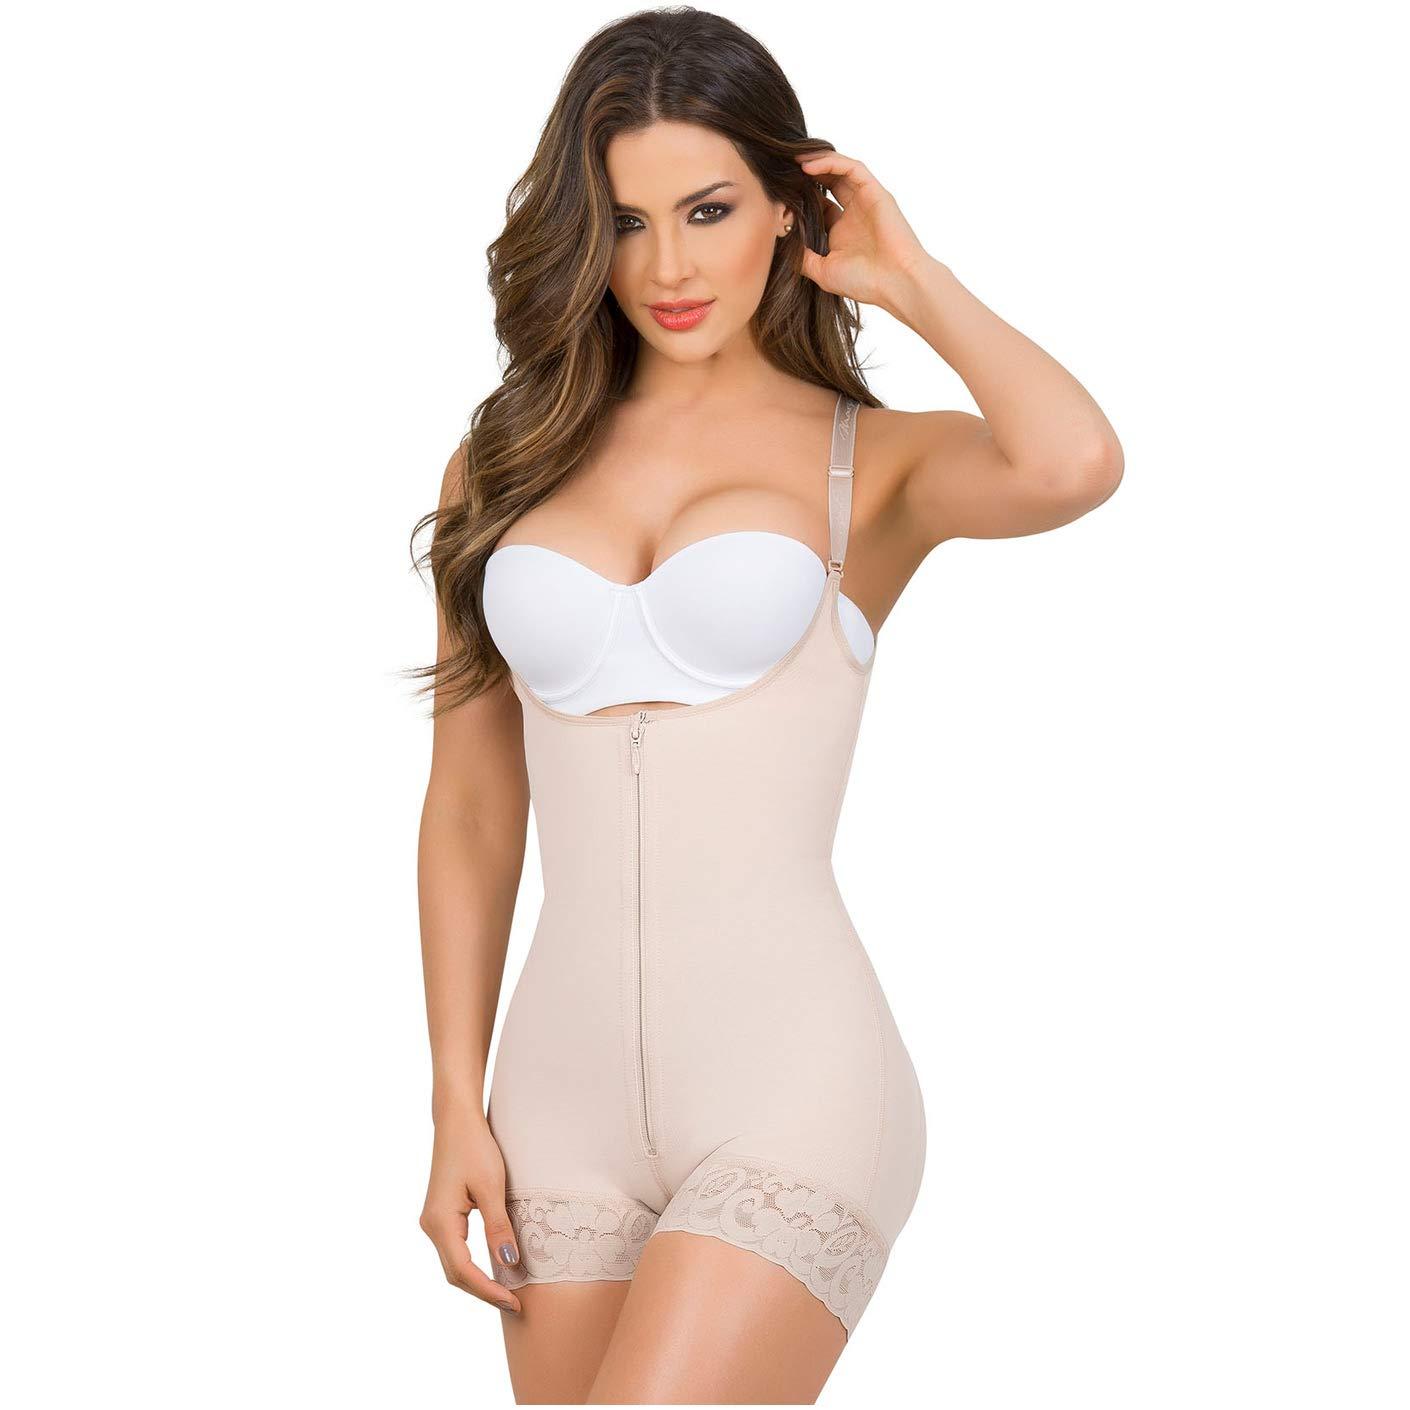 88234df50 MARIAE 9235 Braless Slimming Girdle Tummy Control Shapewear